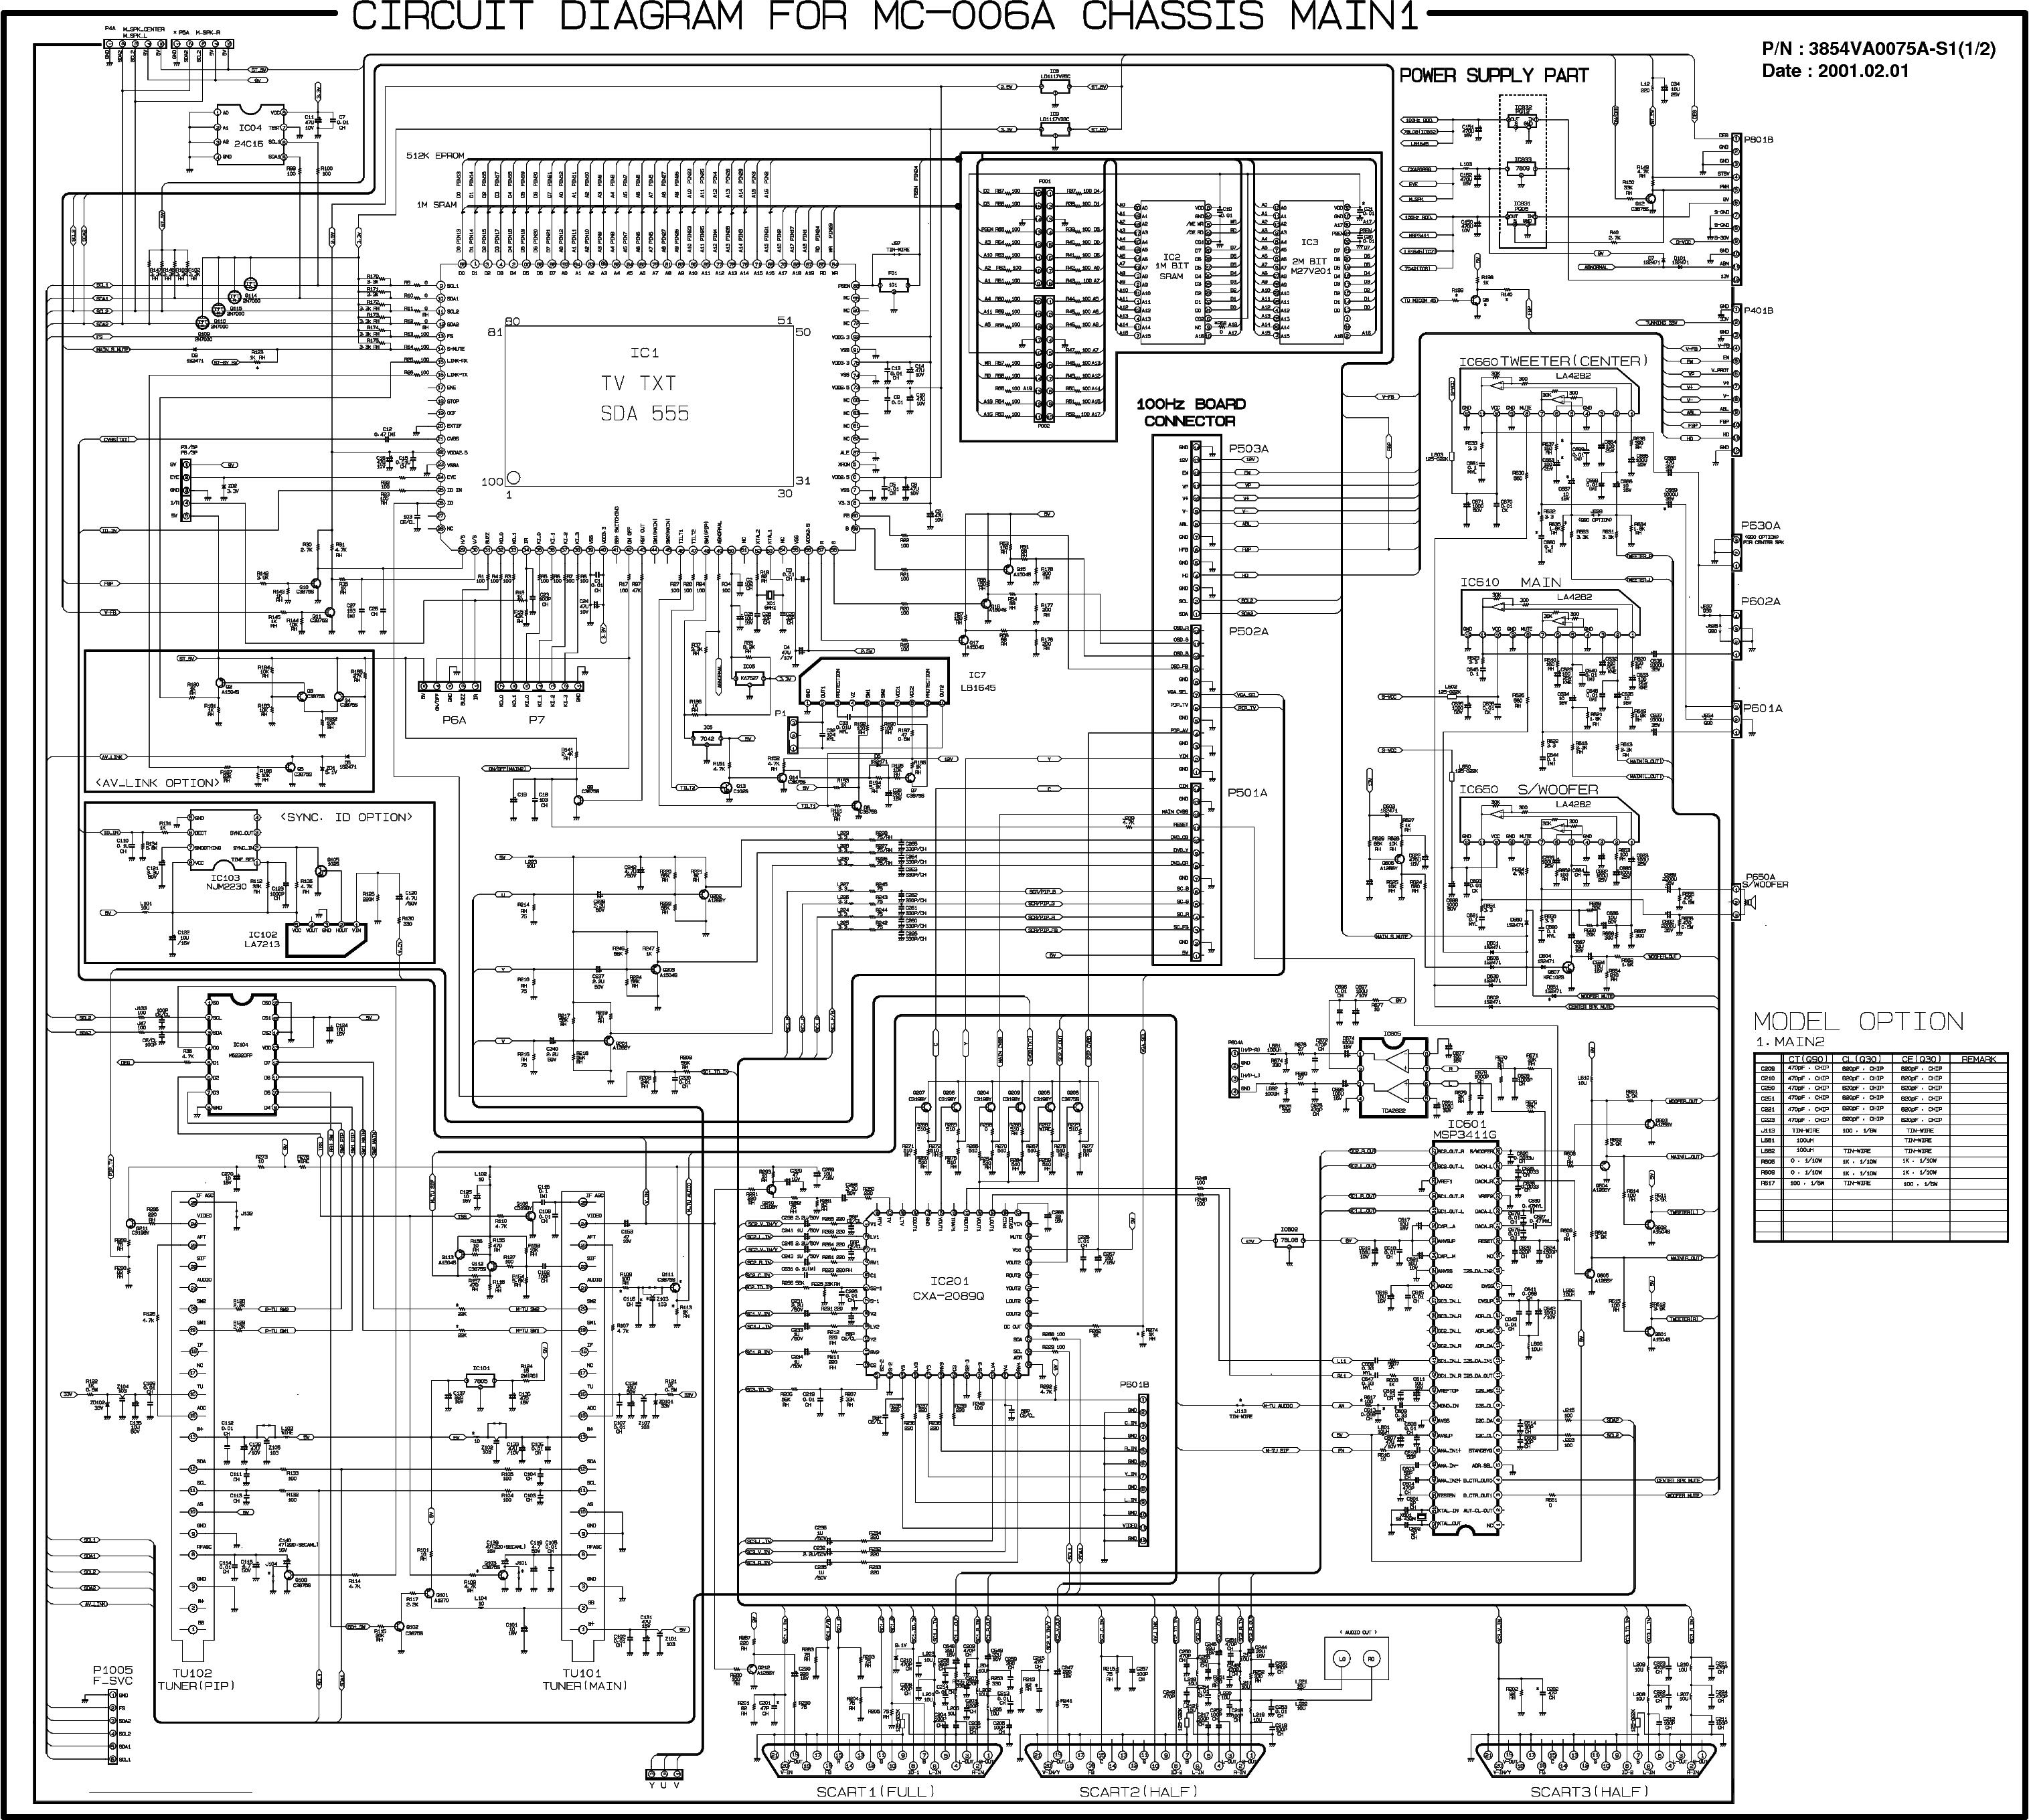 lg chassis mc